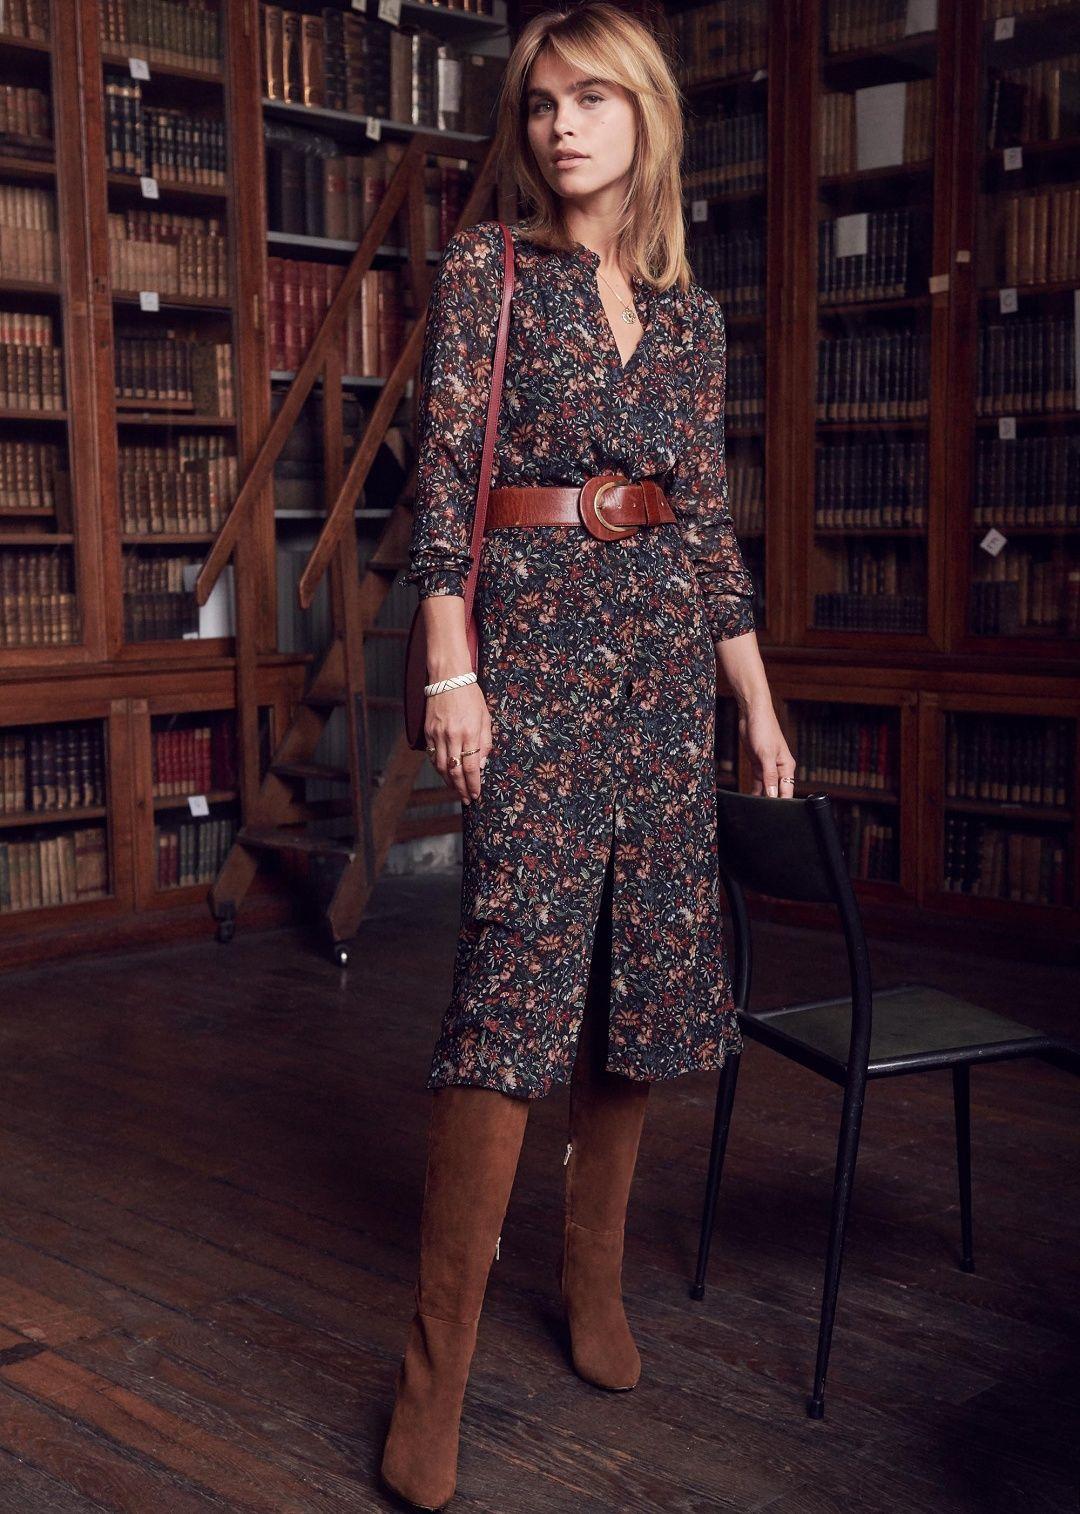 a02d72211d8 Sézane - Clémence dress